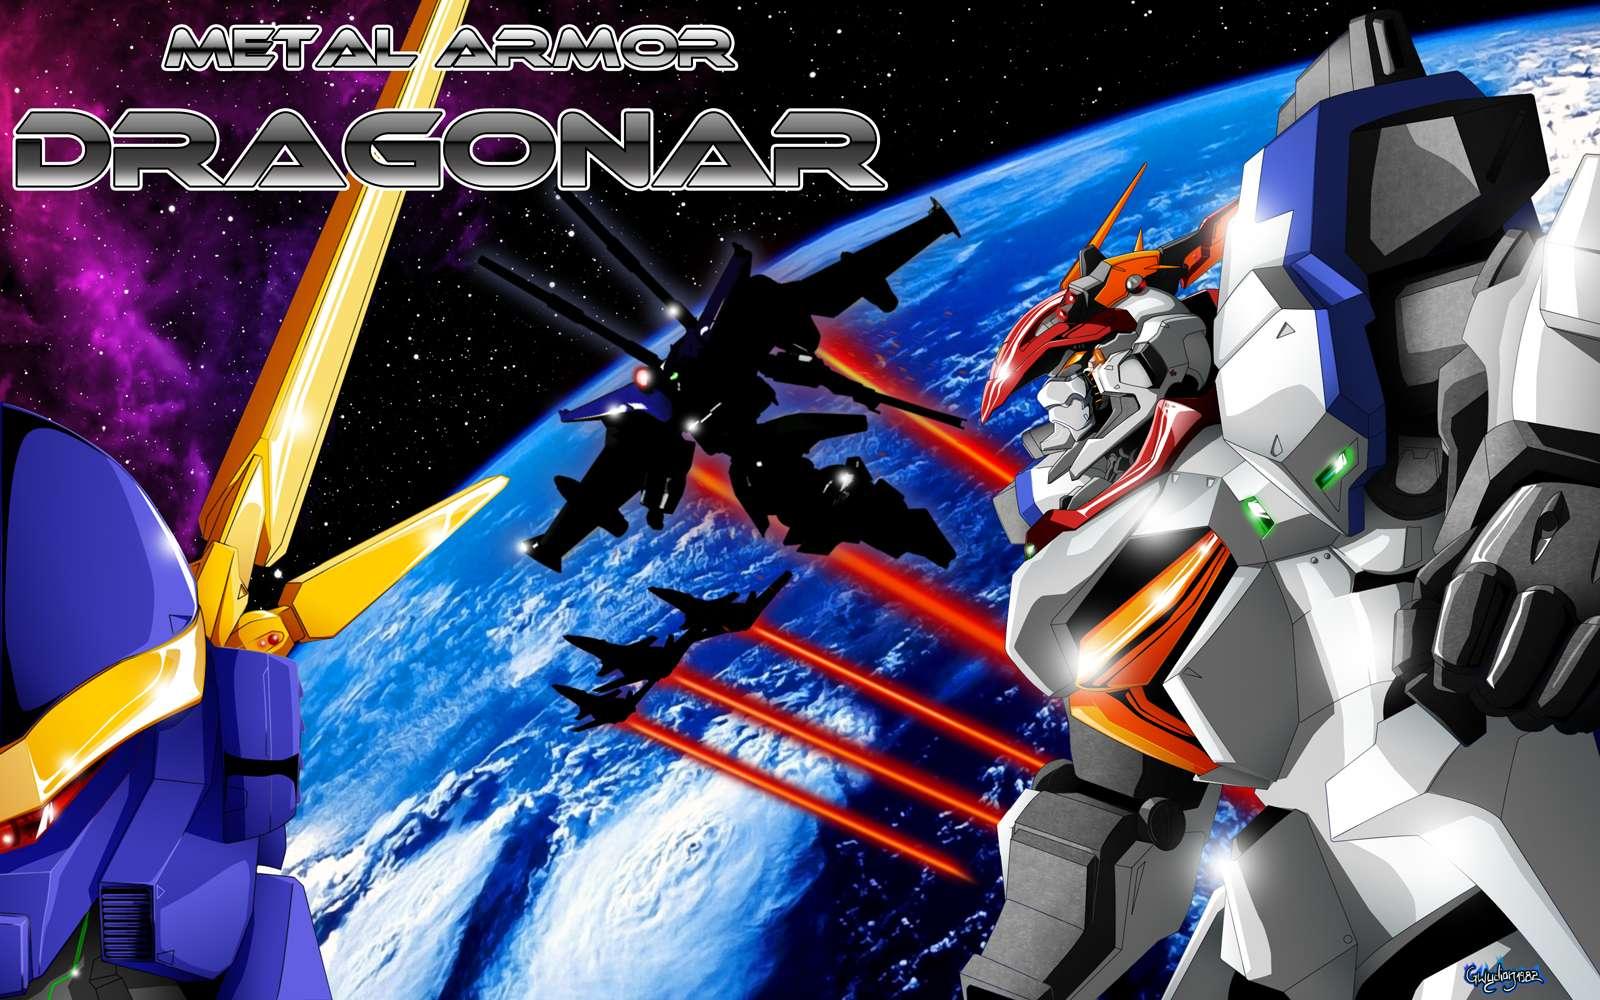 Metal Armor Dragonar - 1987